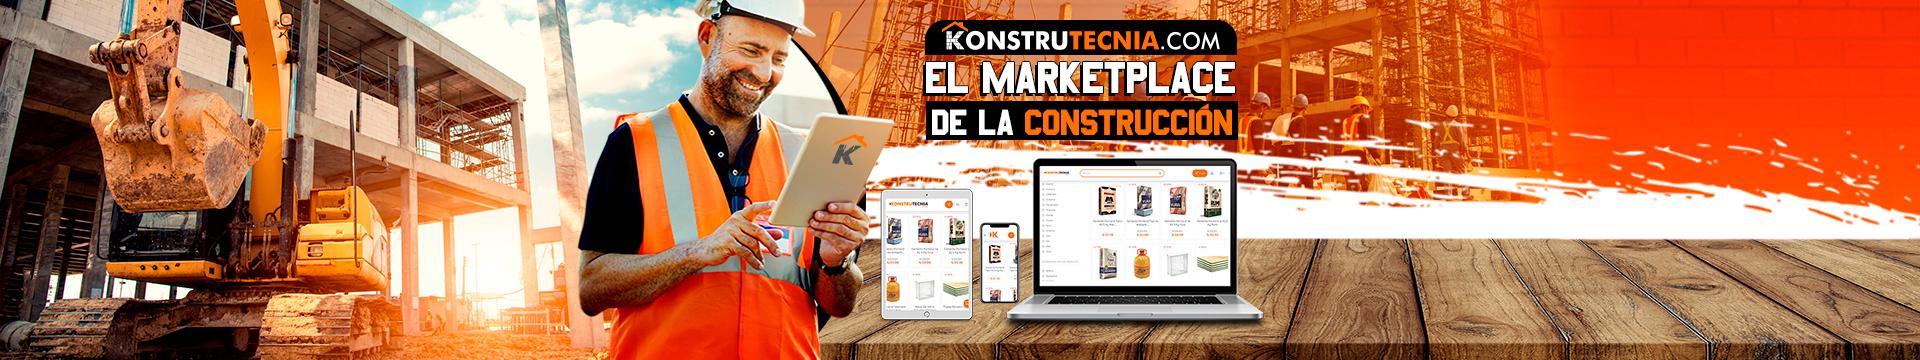 KONSTRUTECNIA.COM El Marketplace de la Construcción